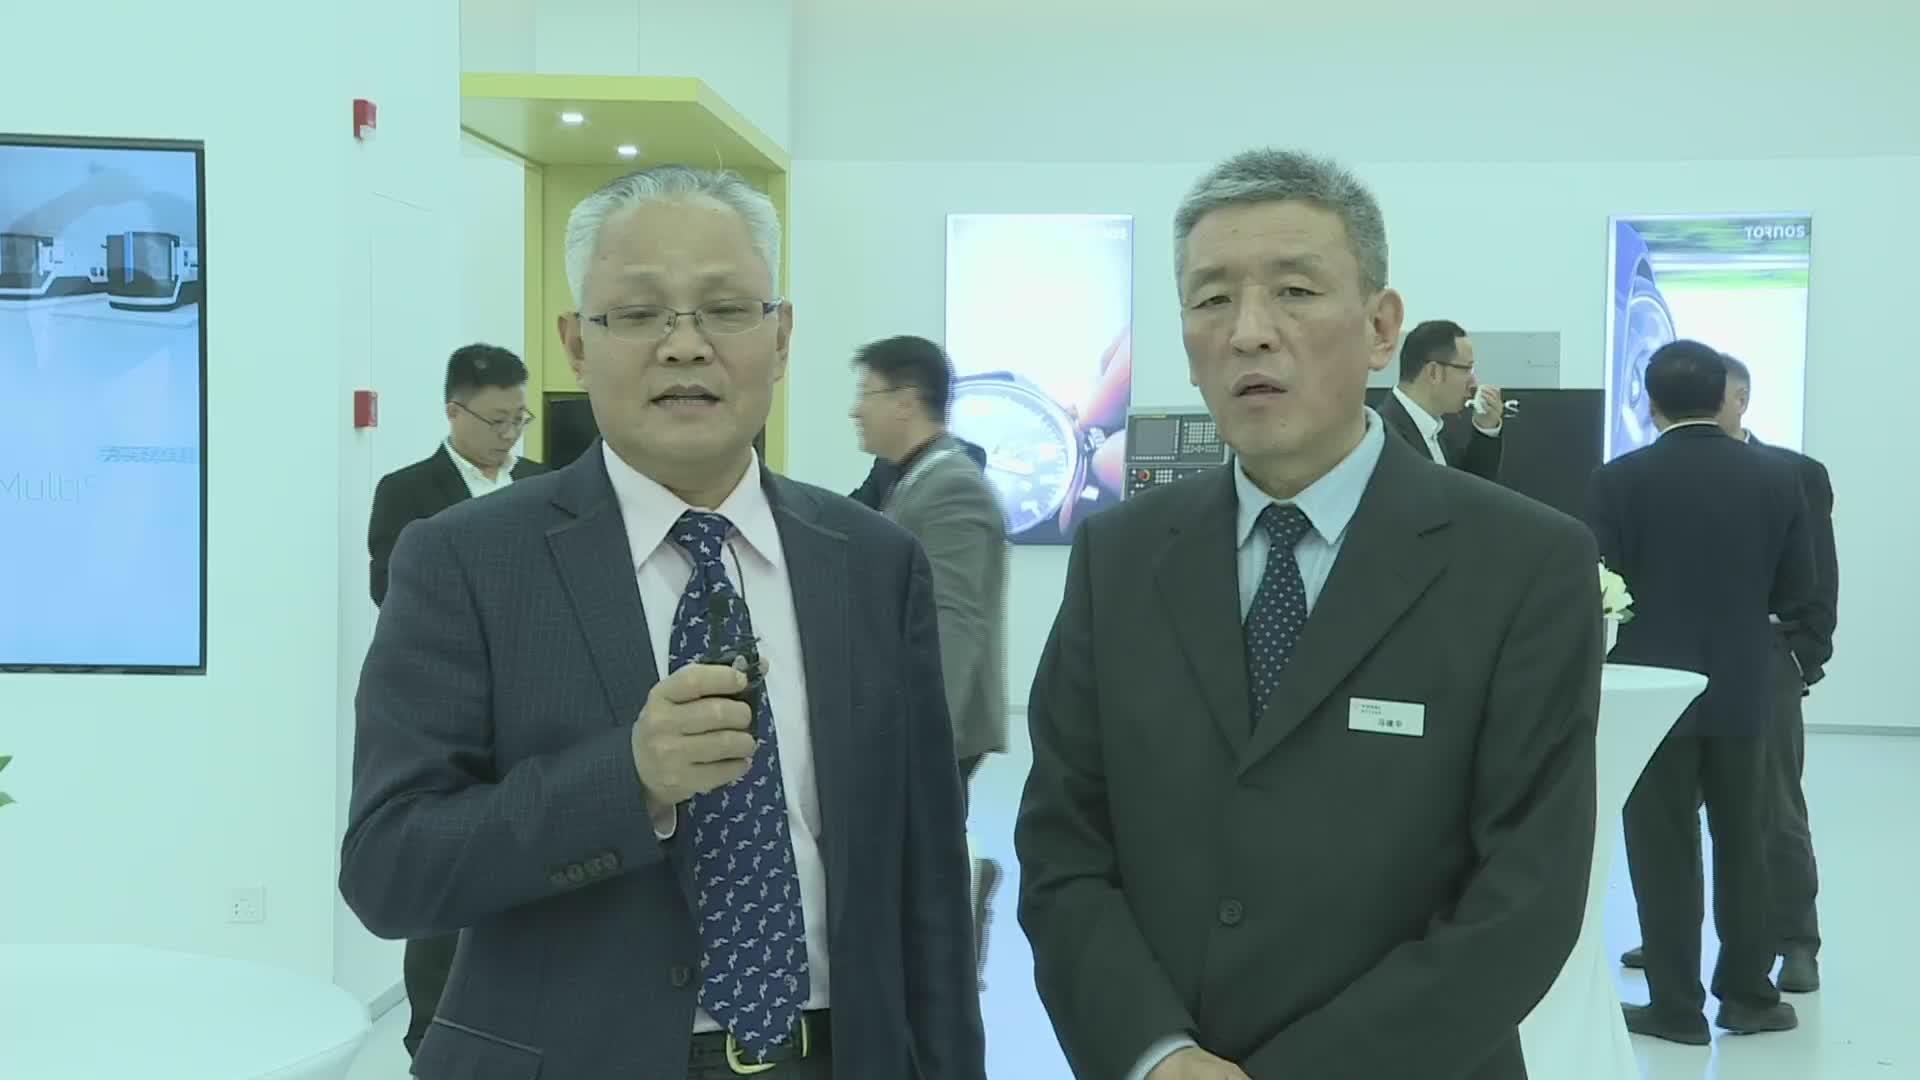 中国机床工具工业协会秘书长 王黎明先生接受MM总编冯建平先生采访